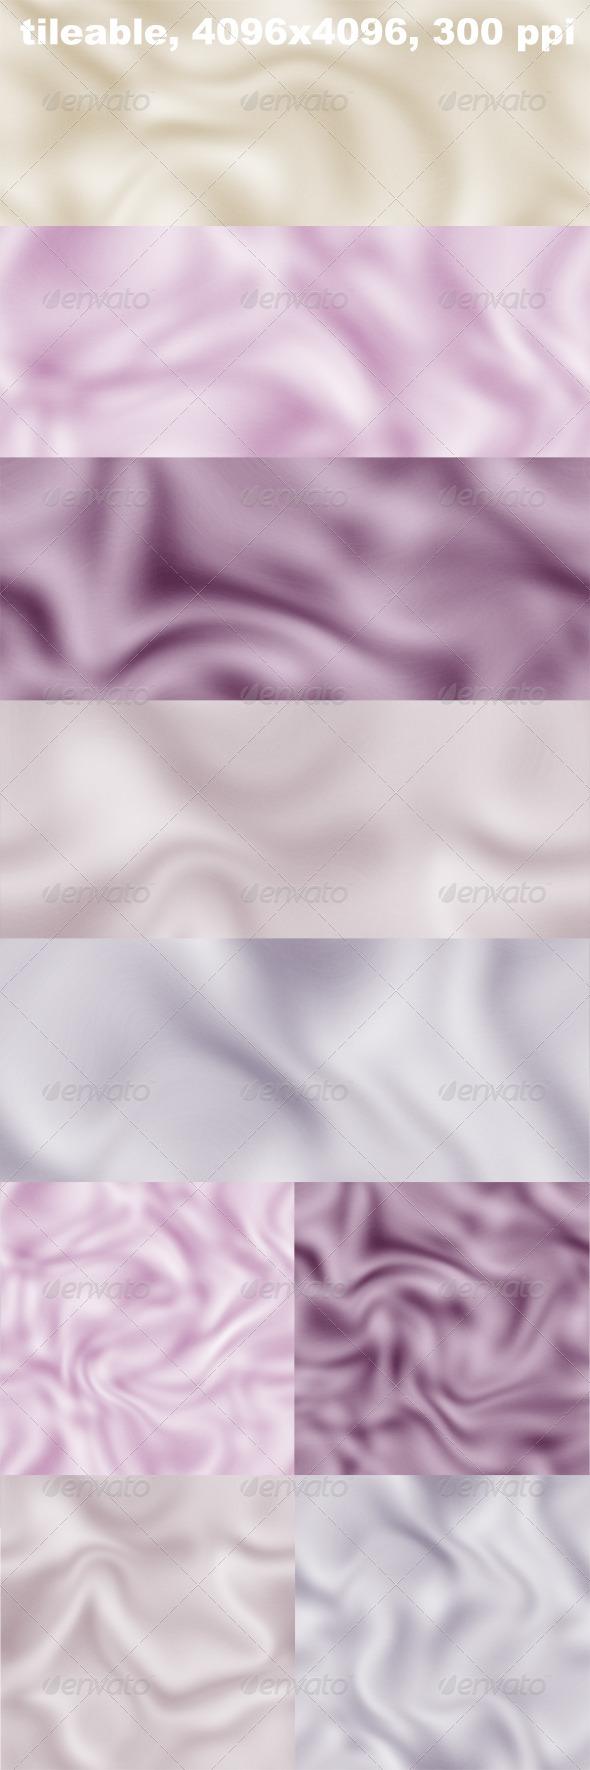 5 Silk Textures - Fabric Textures